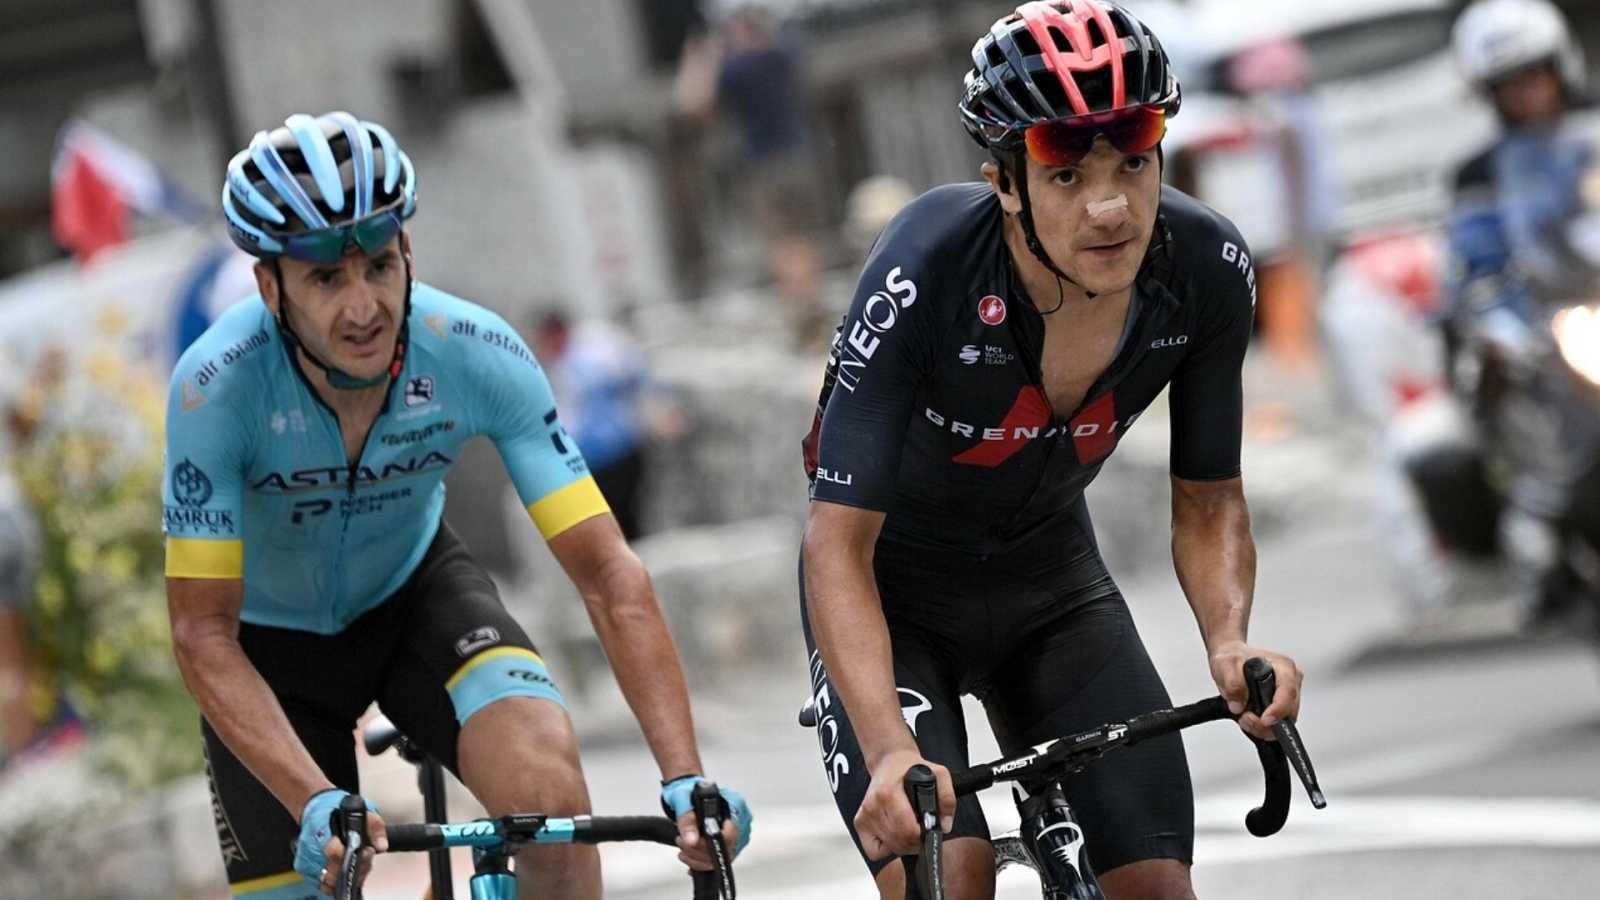 Ciclismo - Tour de Francia - 17ª etapa: Grenoble - Méribel Col de la Loze (2)  - ver ahora